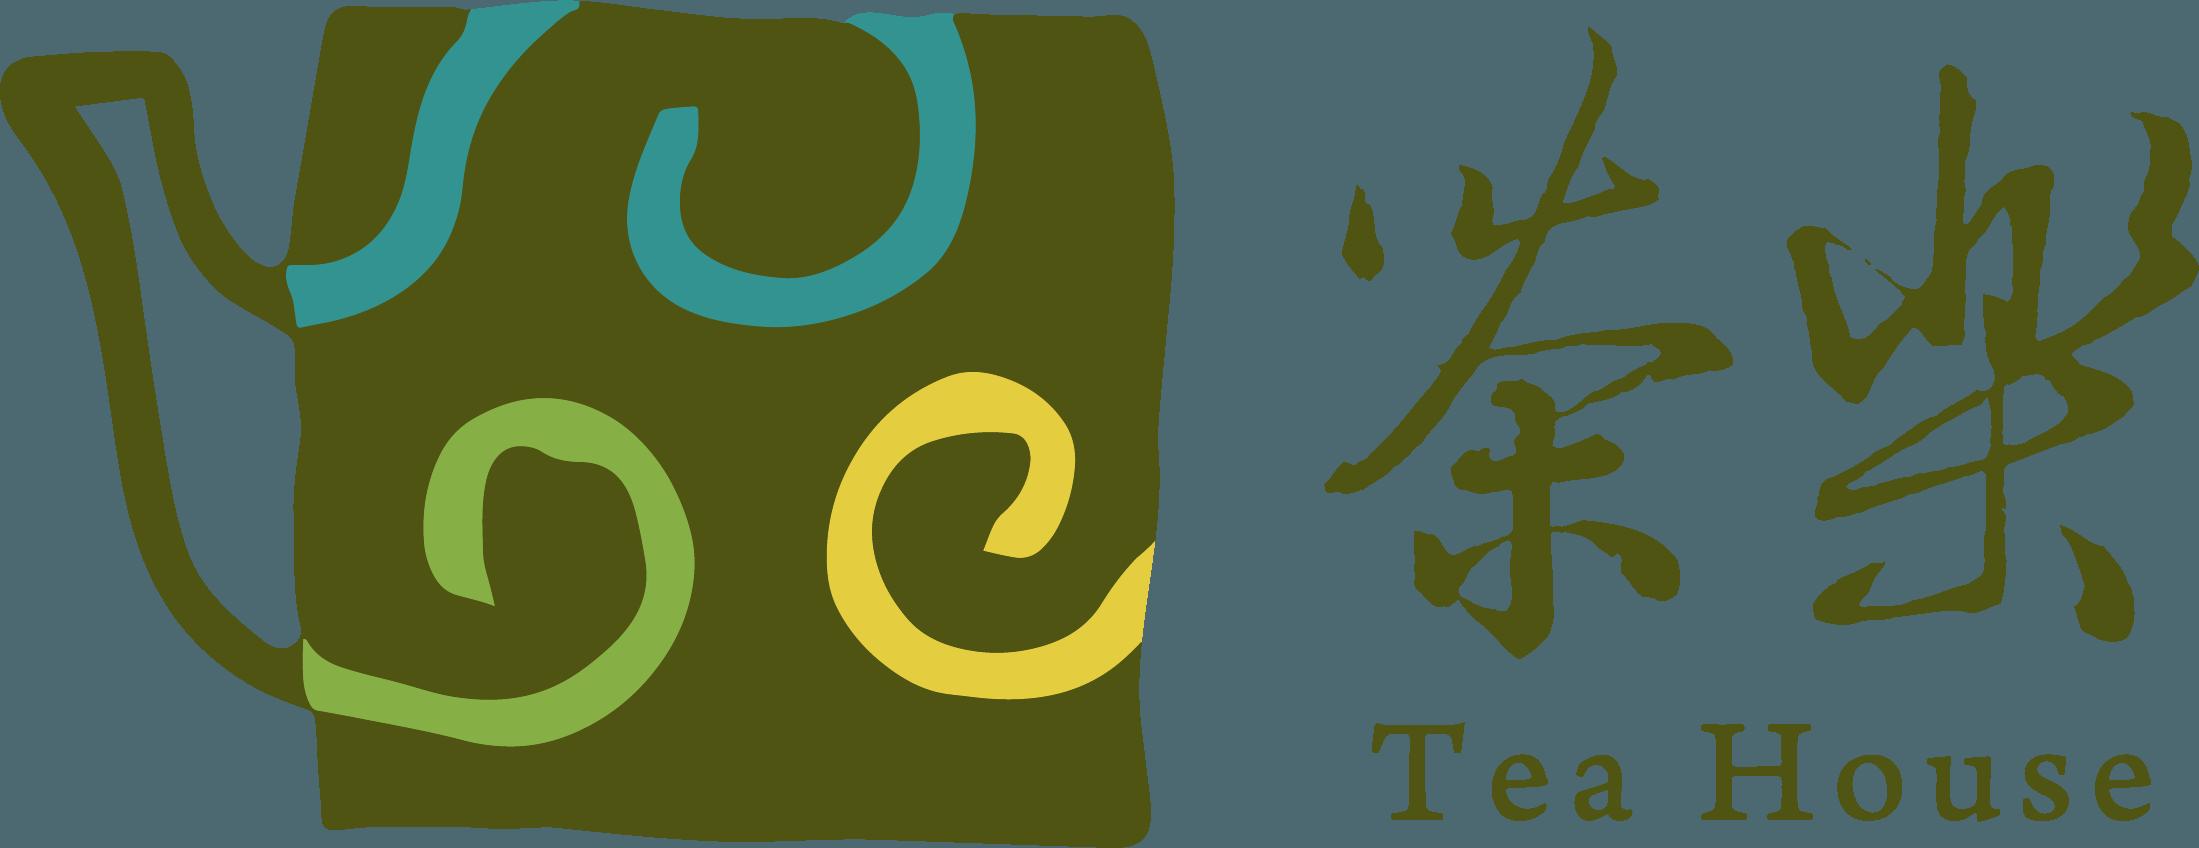 茶樂股份有限公司